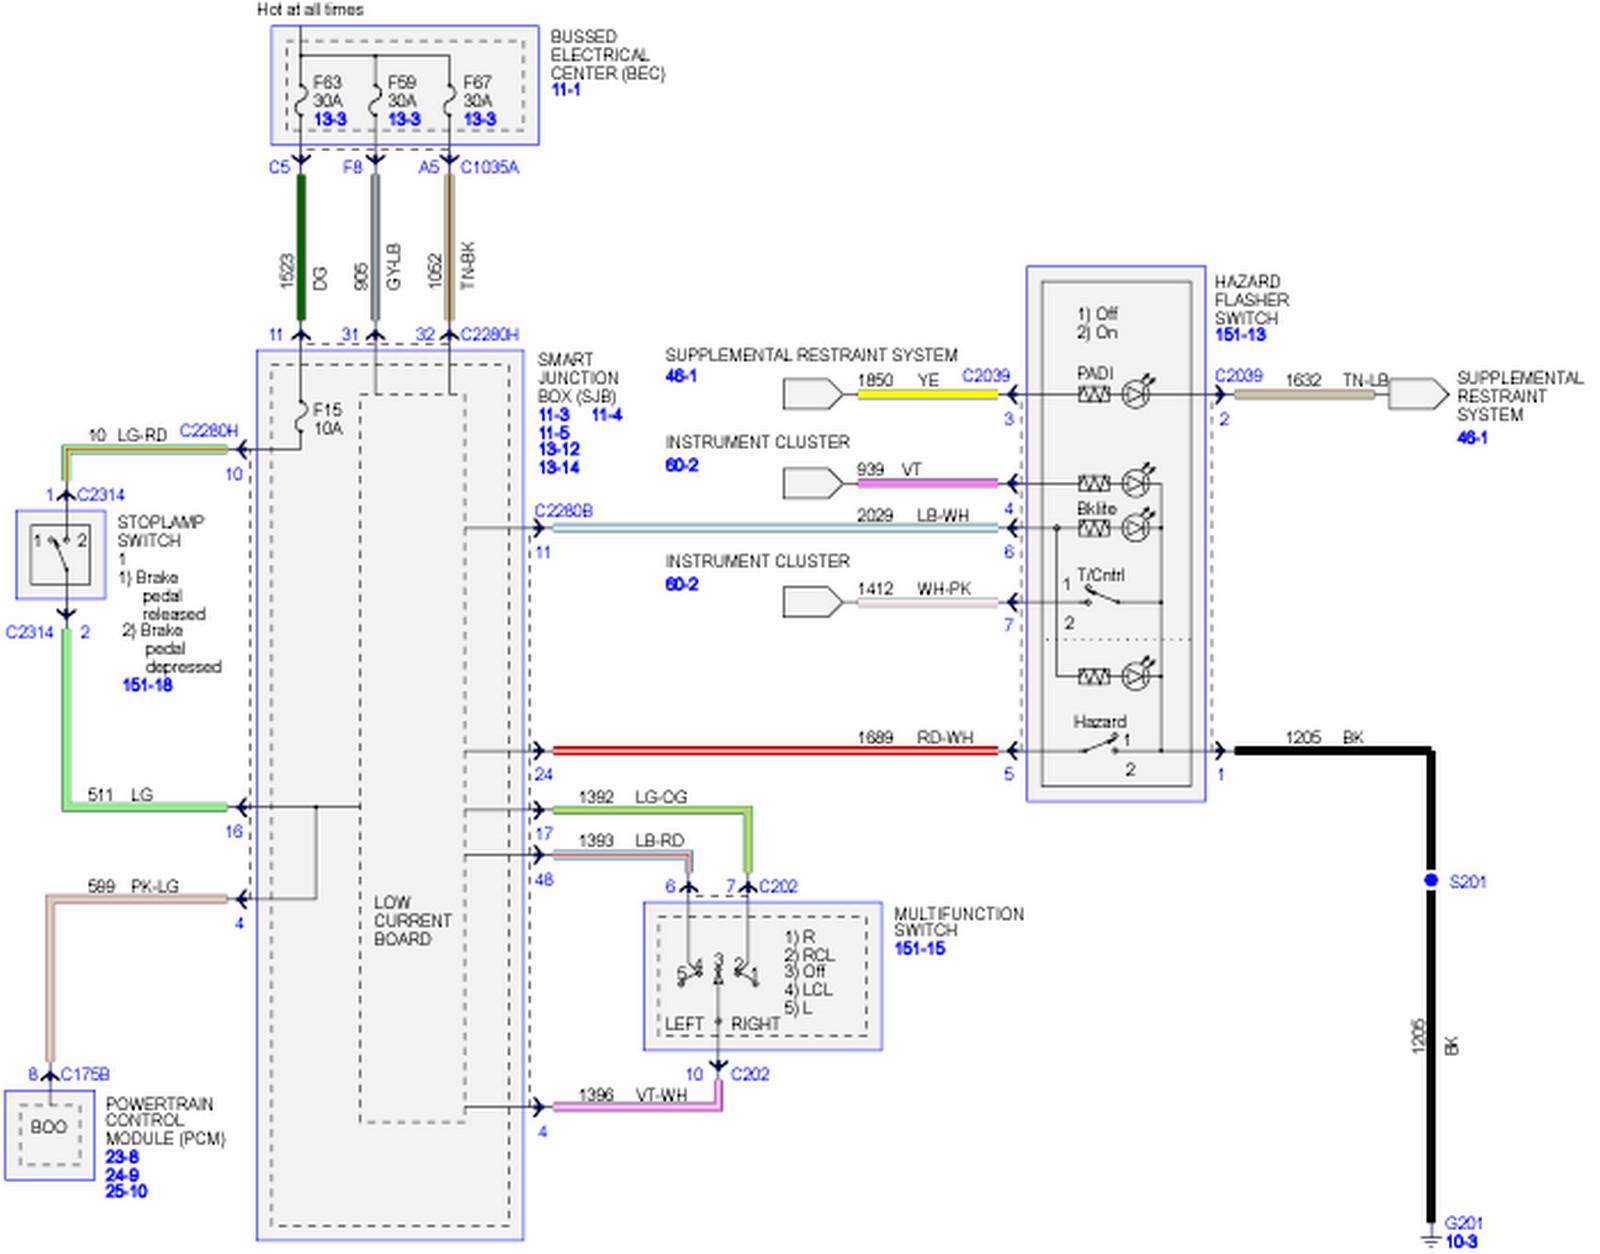 2011 Mustang Wiring Schematic Schematics Diagram 1965 Daily Update U2022 Instrument